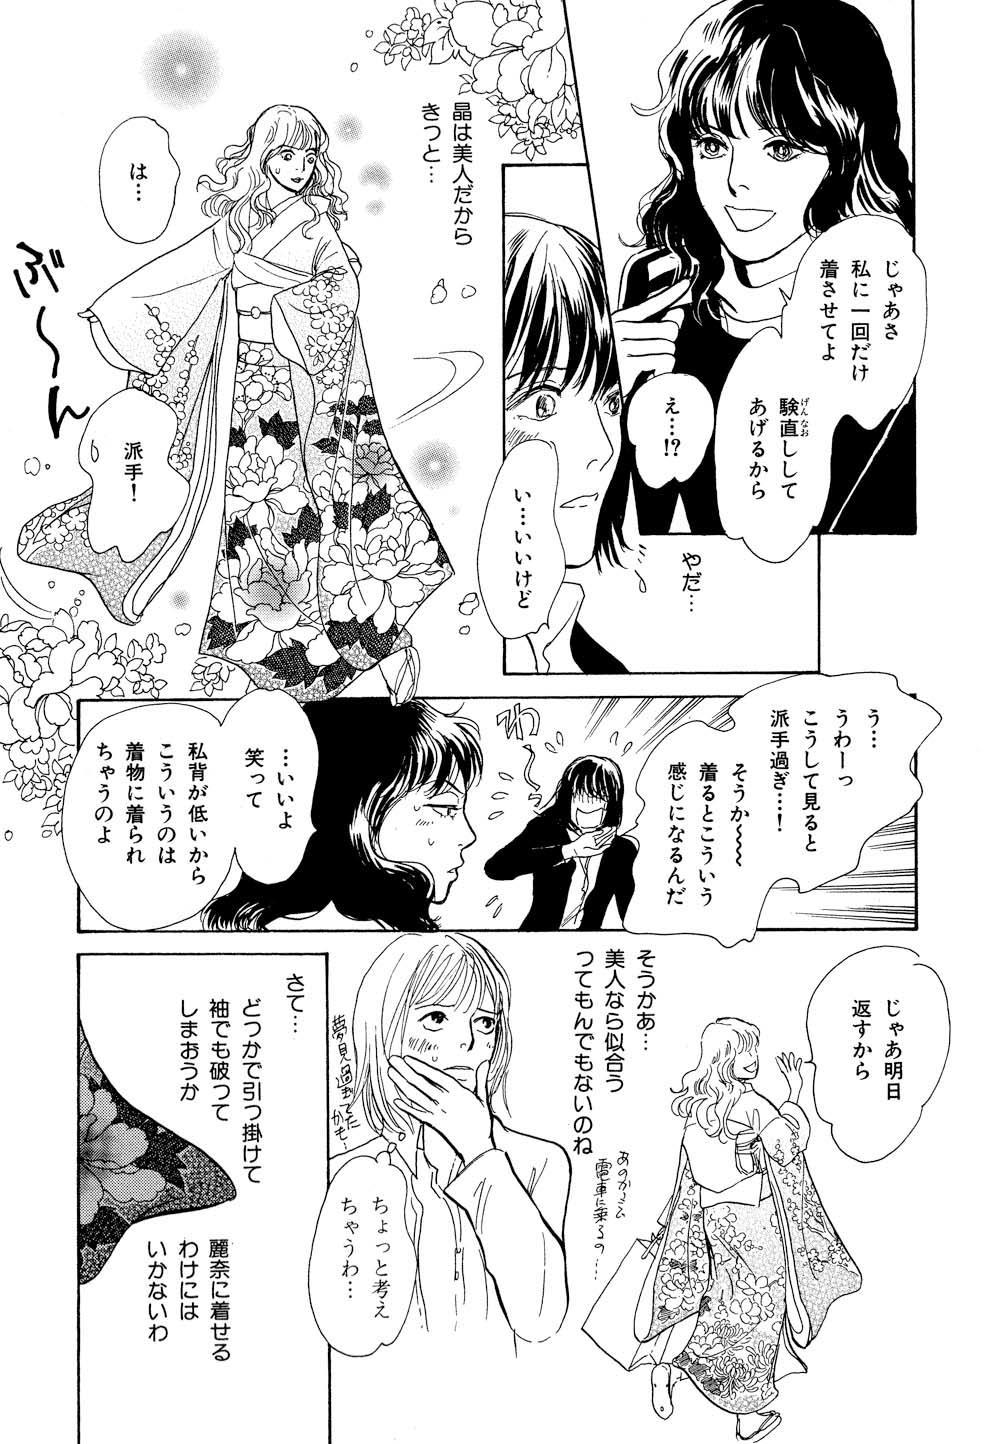 百鬼夜行抄_13_0103.jpg